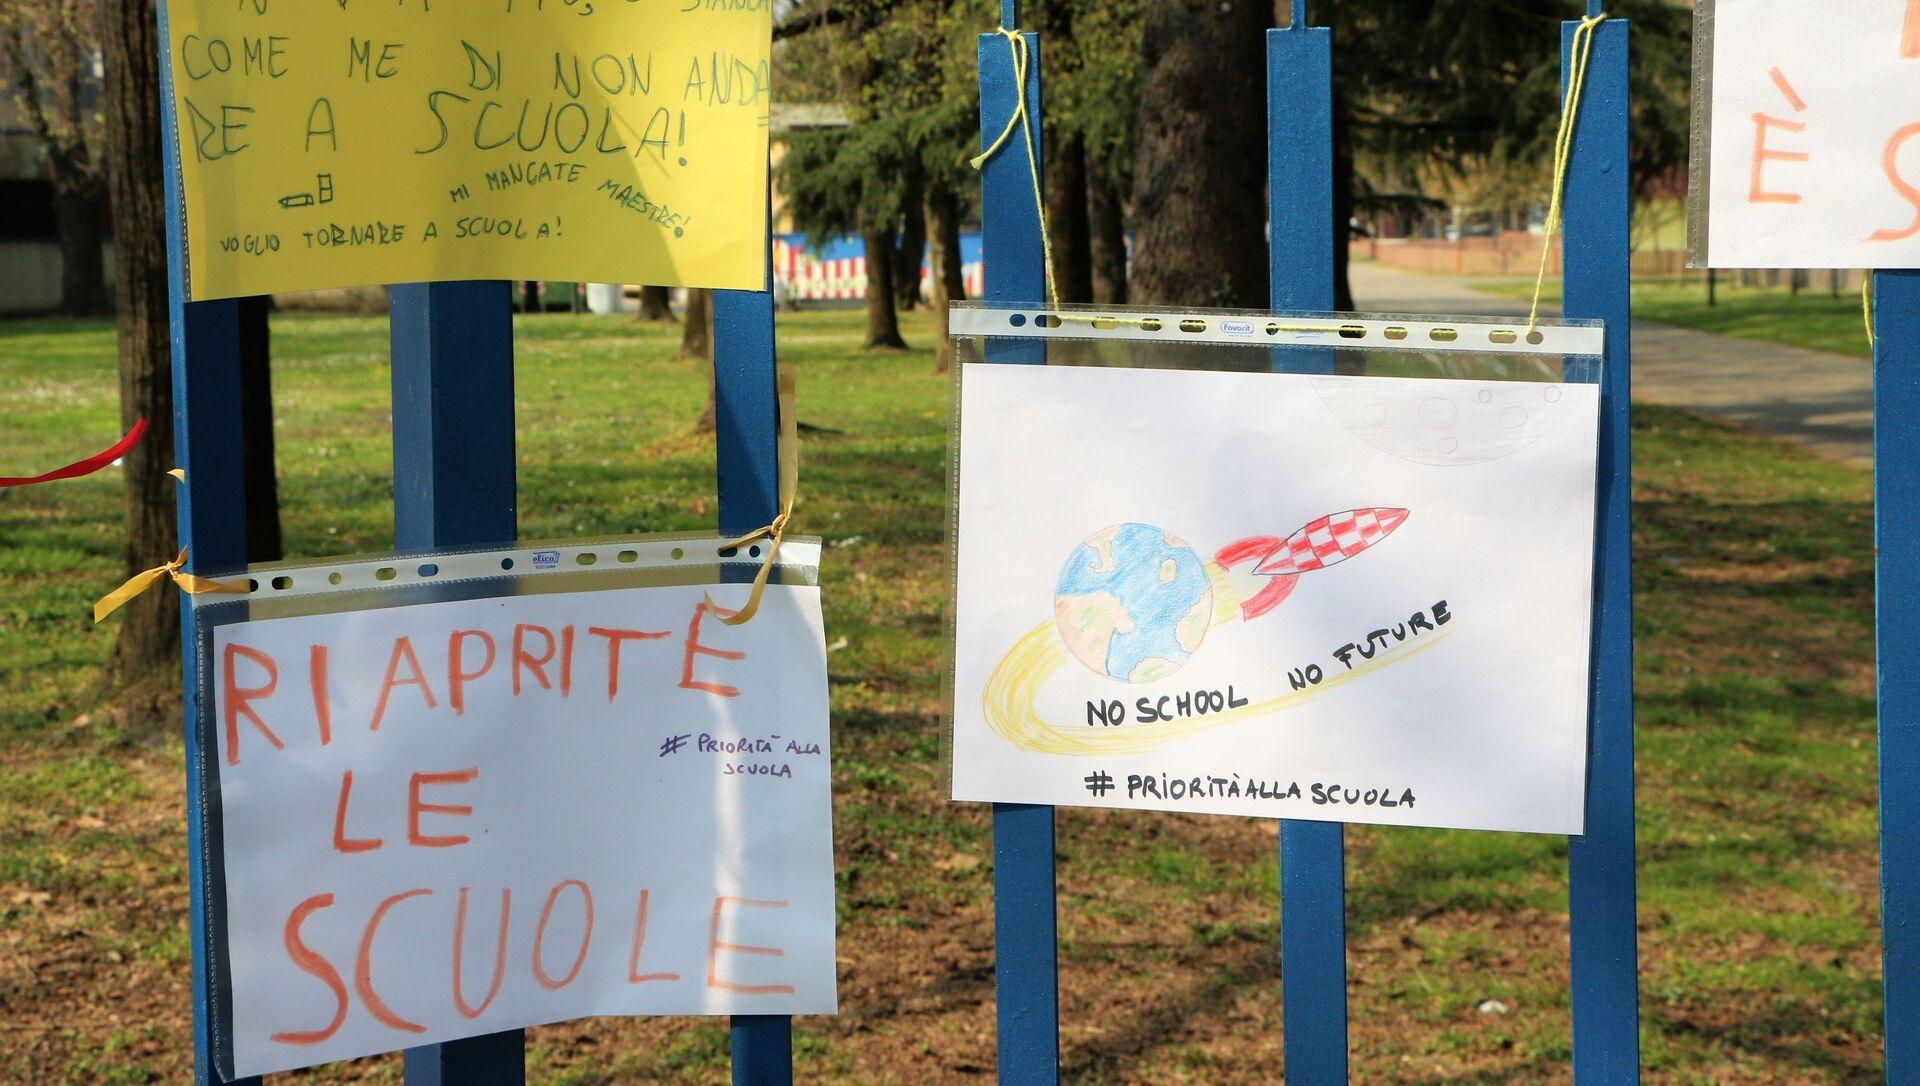 L'ingresso alla scuola con i dipinti dei bambini  - Sputnik Italia, 1920, 20.04.2021